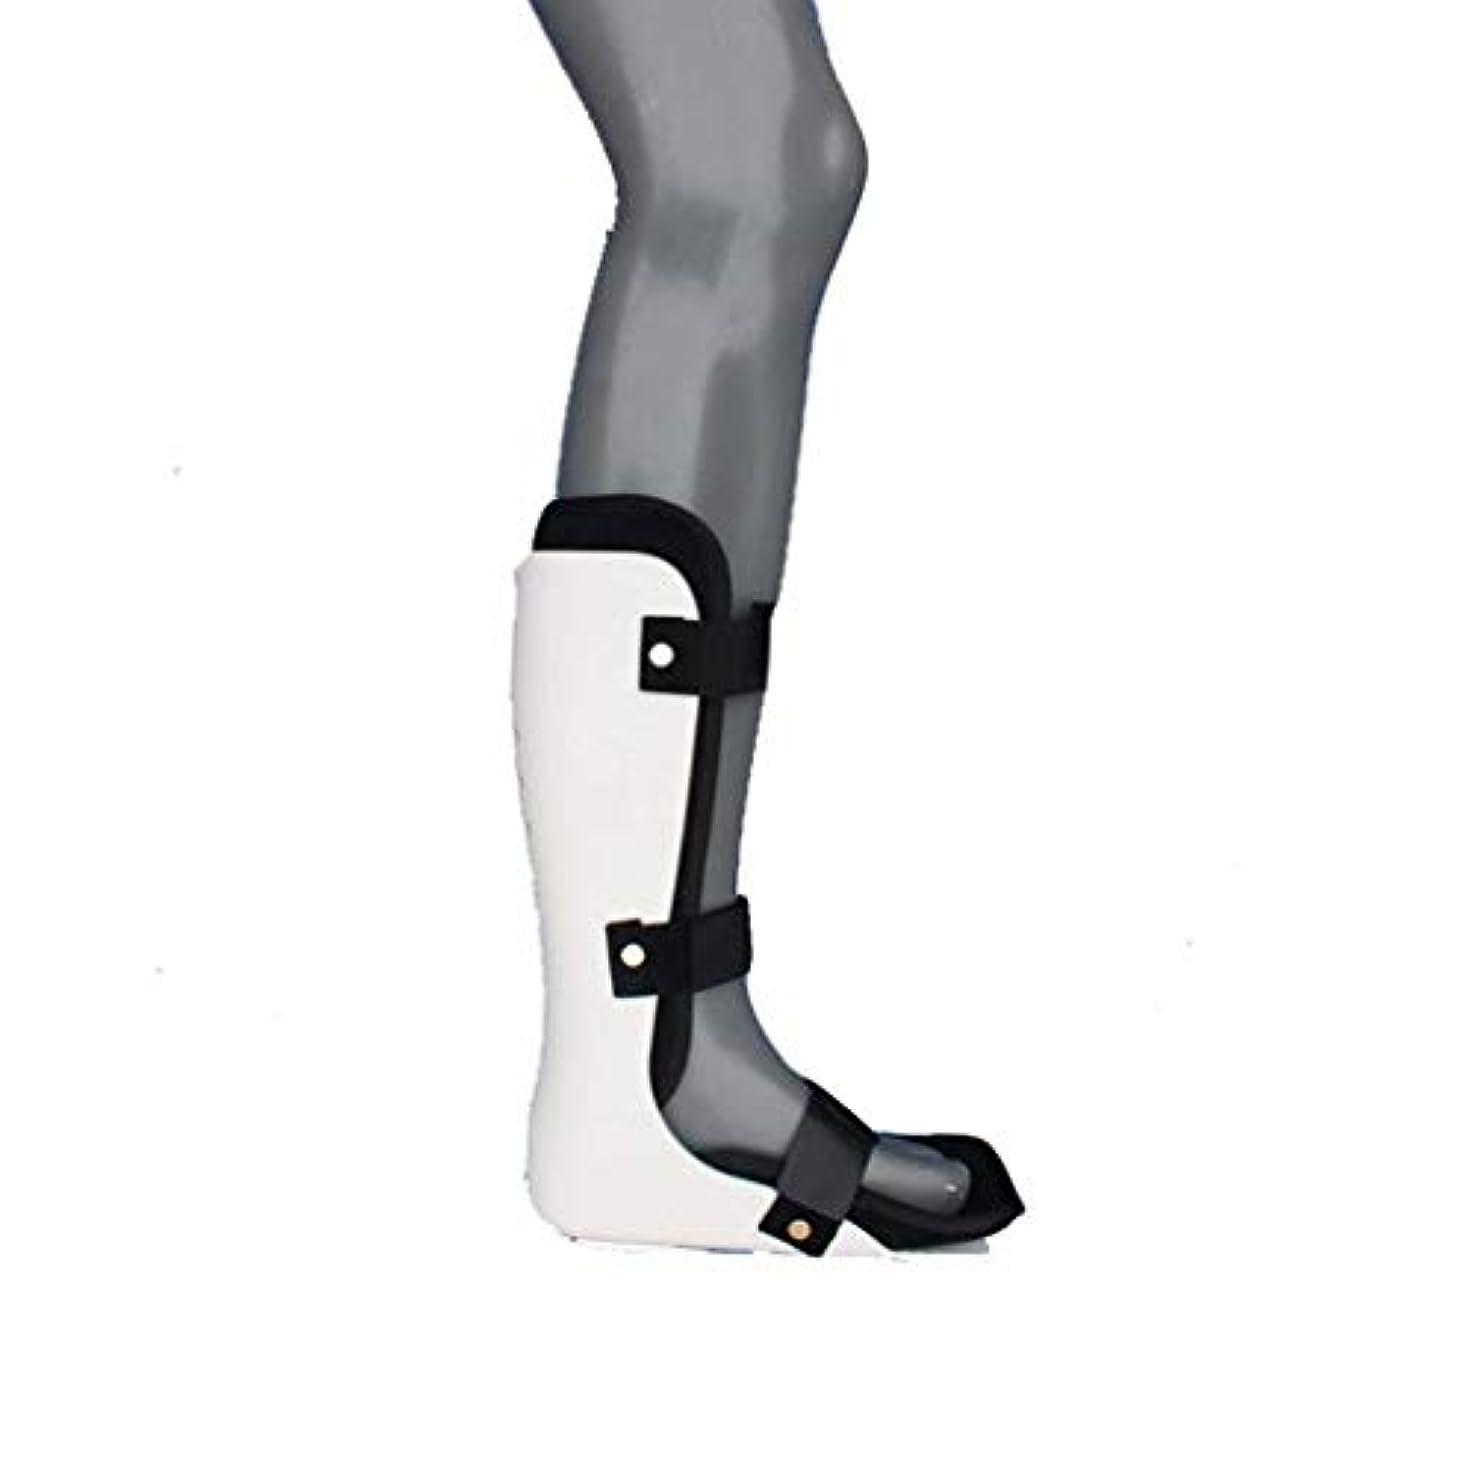 関税コックフレキシブルFoot Splint Ankle、Corrector Foot Drop Posture Night Sleep Foot Supportは、足底筋膜炎の安定化の症状を緩和するのに役立ちます (Color : B, Size...